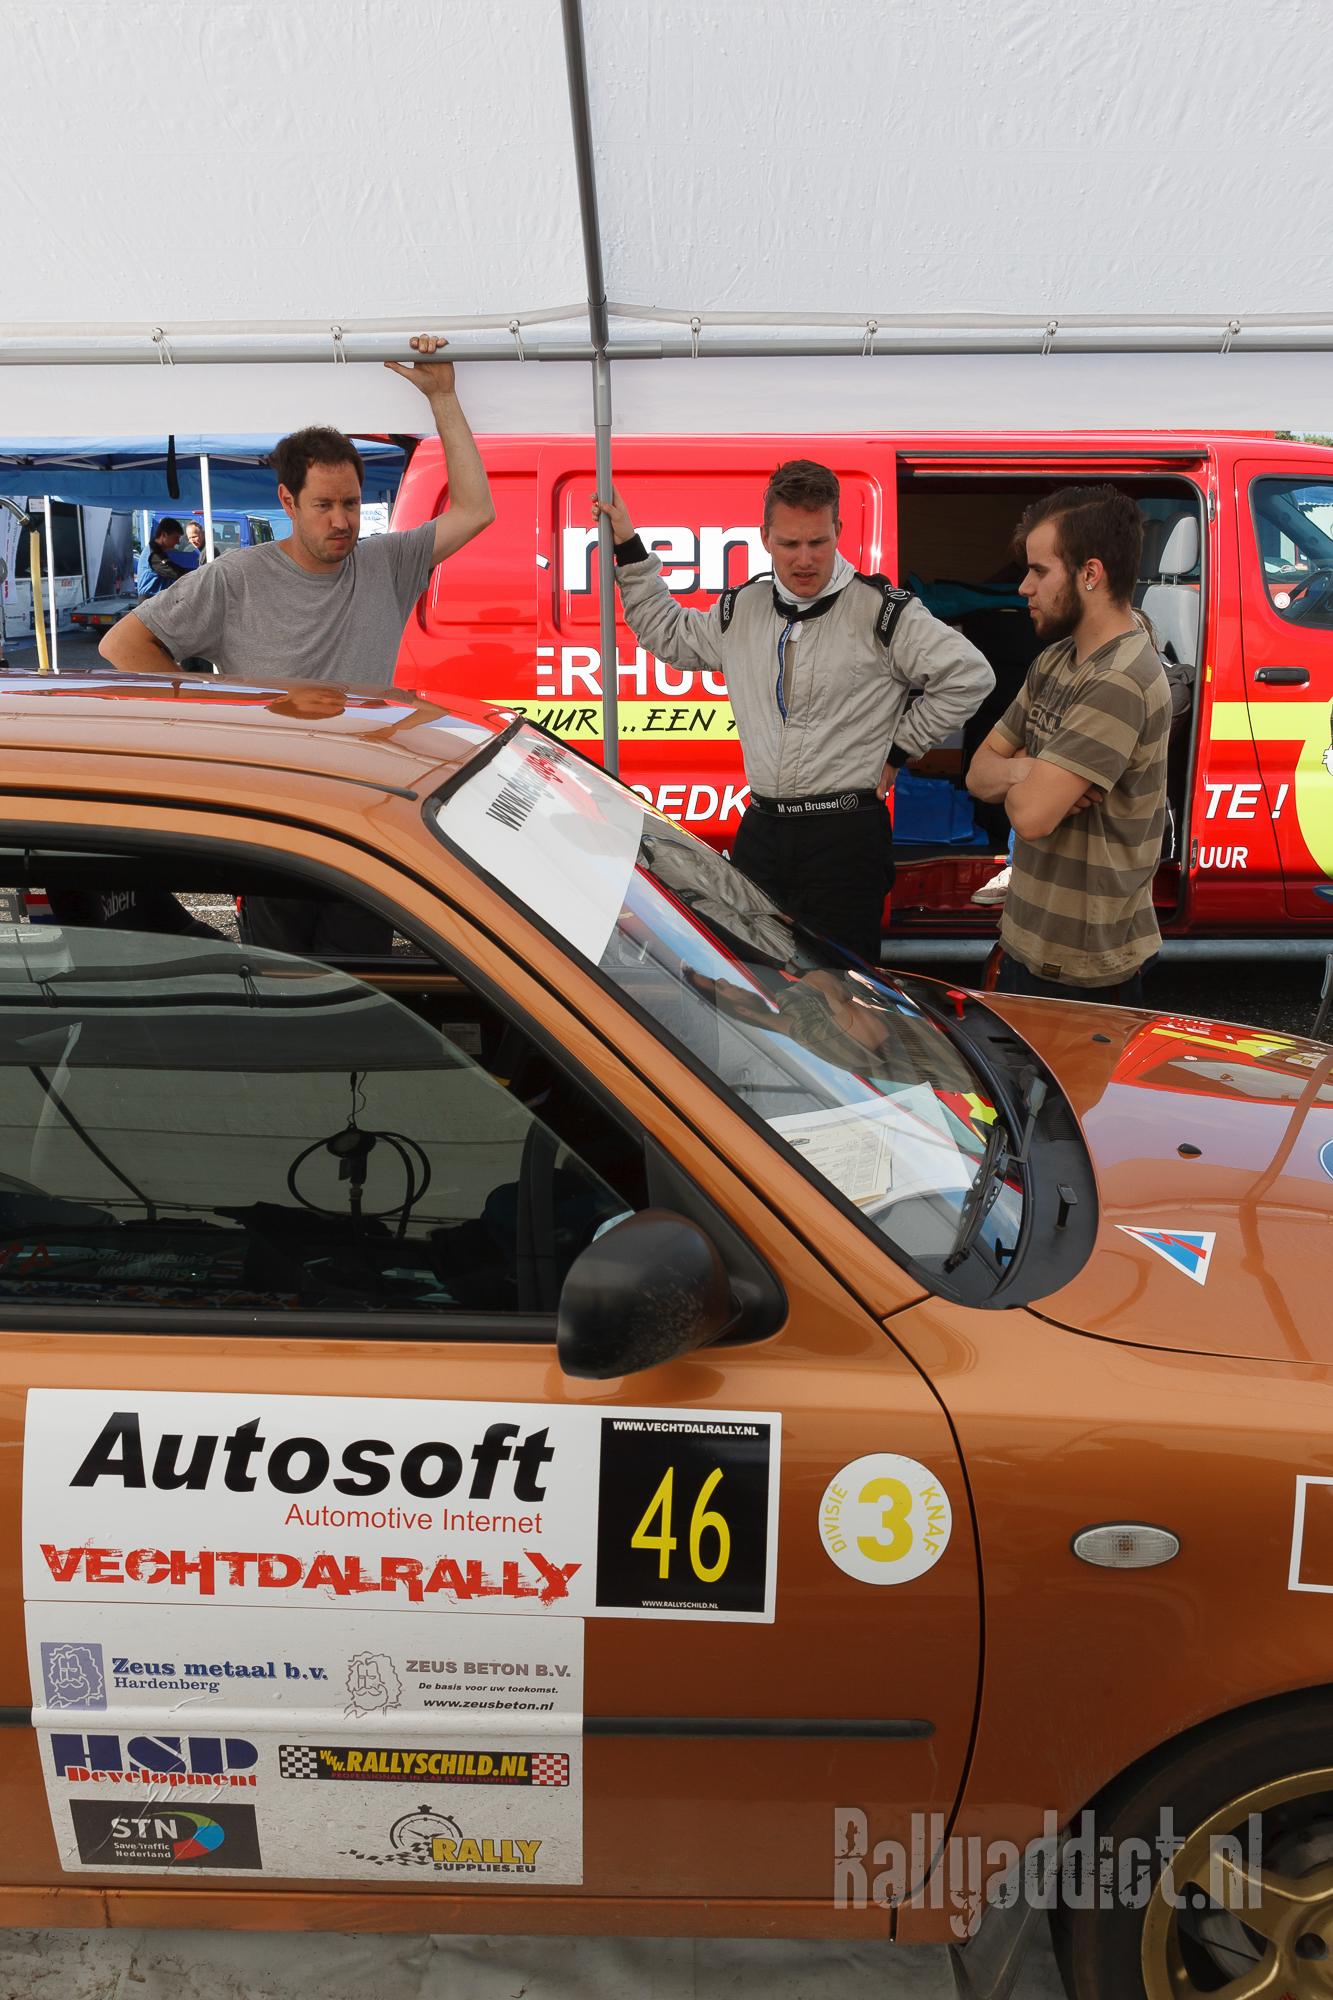 Ivo_Rijniersce-rallyaddict-vechtdal-IR1D0938